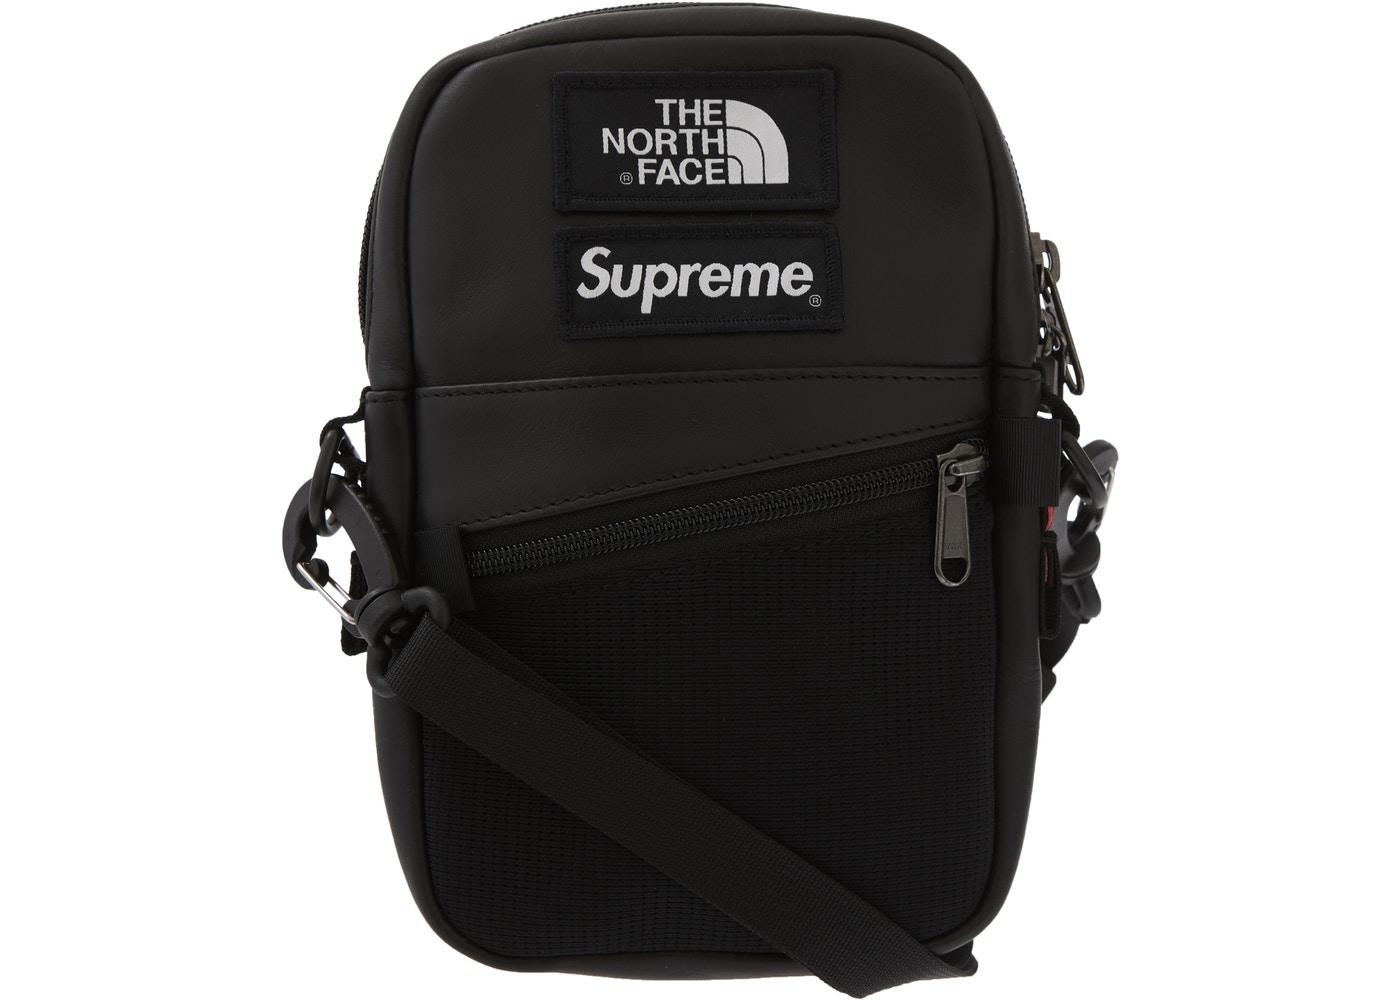 913c008c3 Supreme The North Face Leather Shoulder Bag Black - FW18